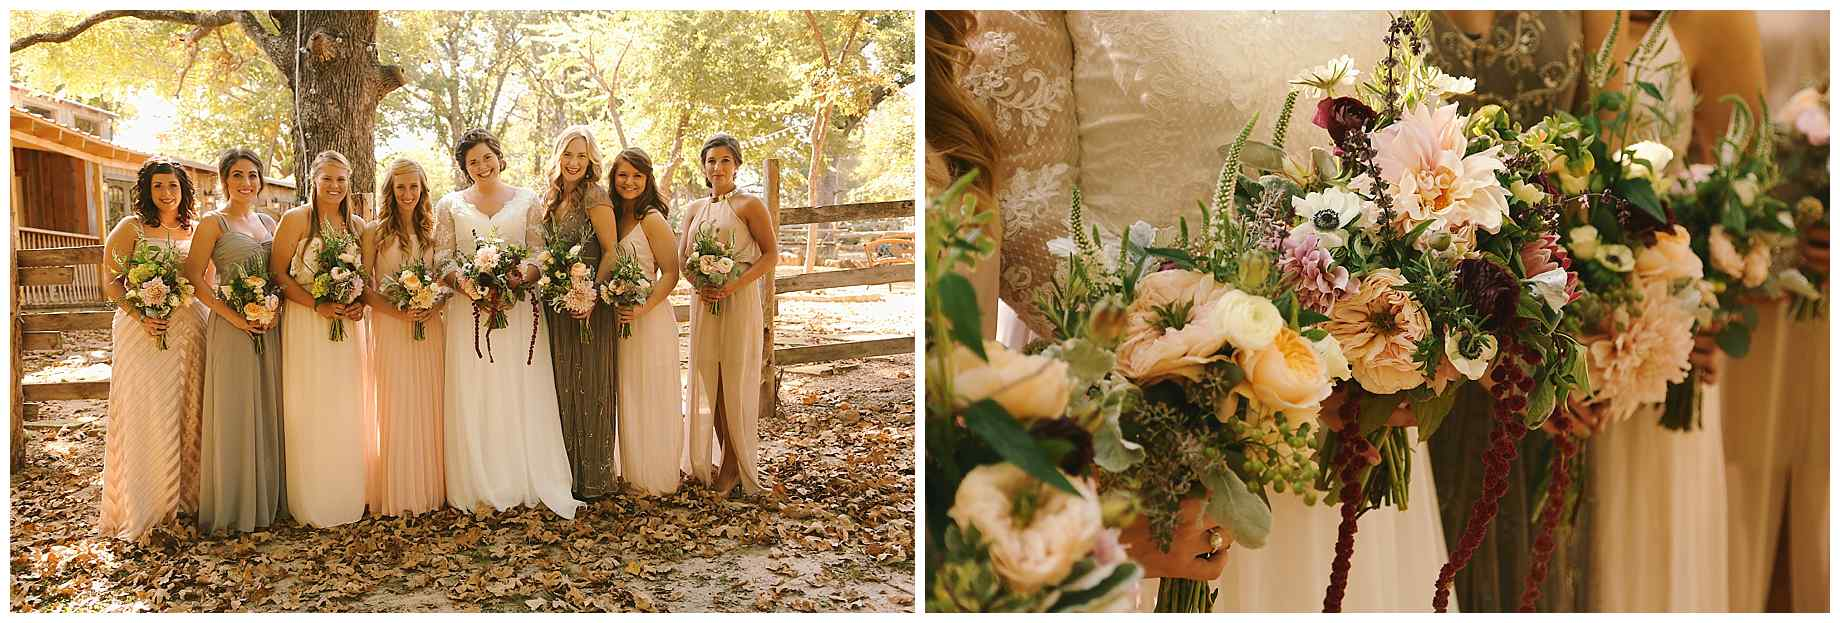 stone-oak-ranch-wedding-photos-06